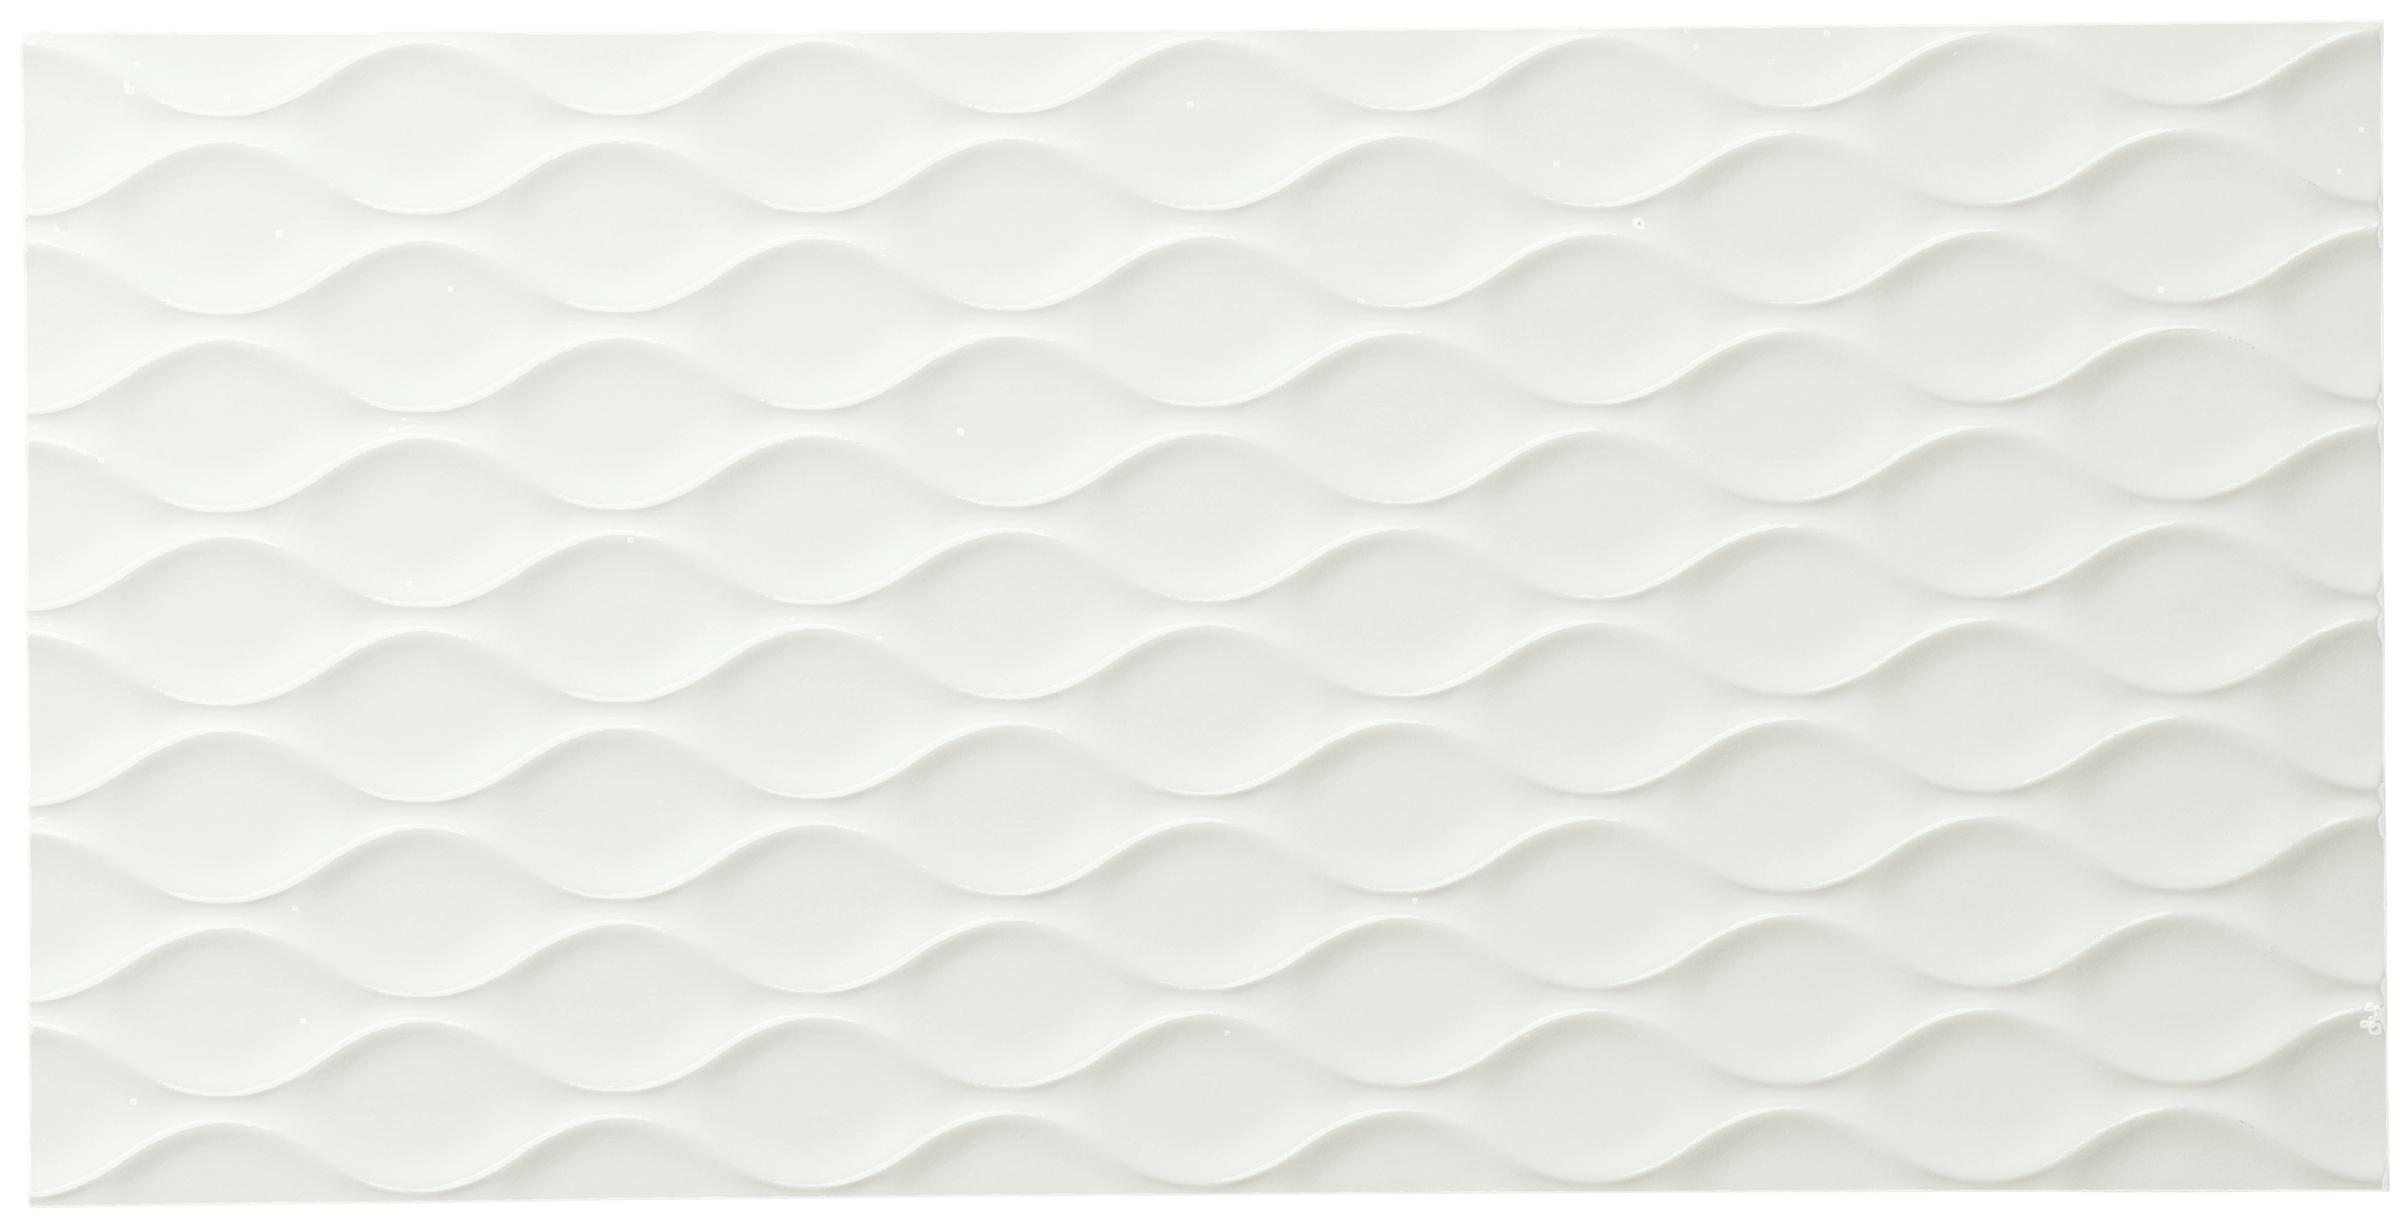 Simpatico collection nemo tile stone simpatico ceramic wall organic texture dailygadgetfo Gallery